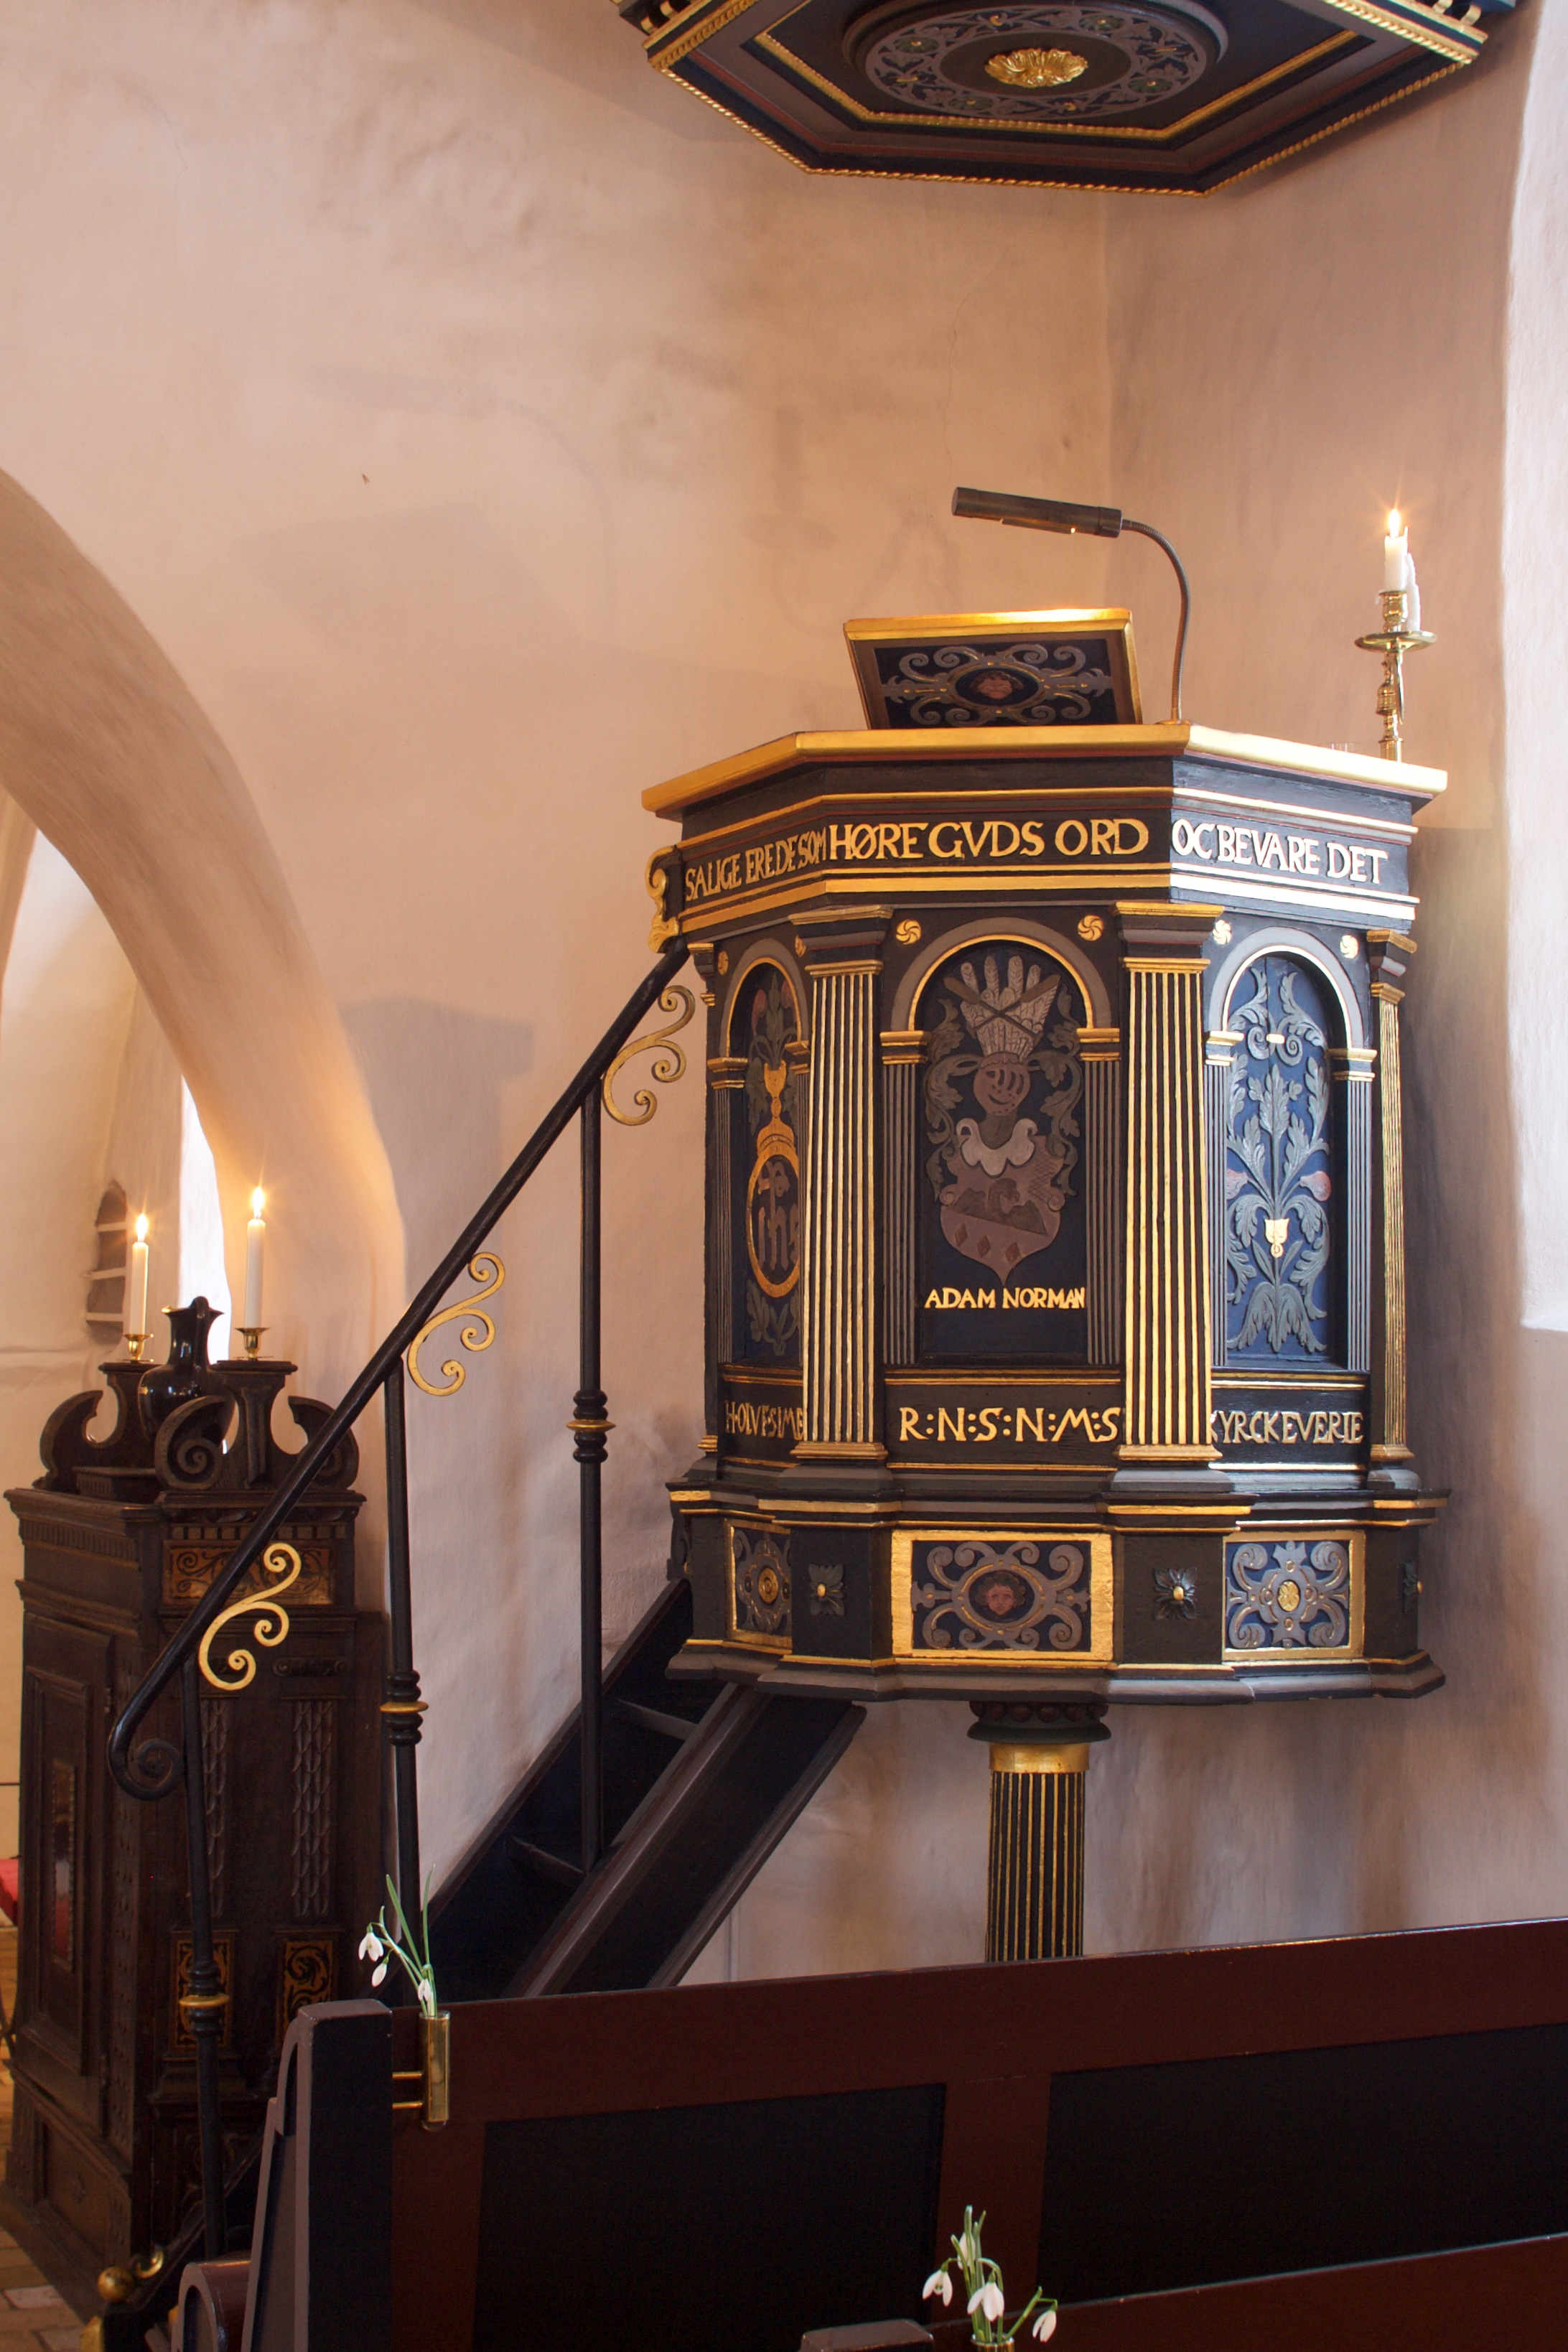 Prædikestolen med sin lydhimmel er rigt udsmykket.